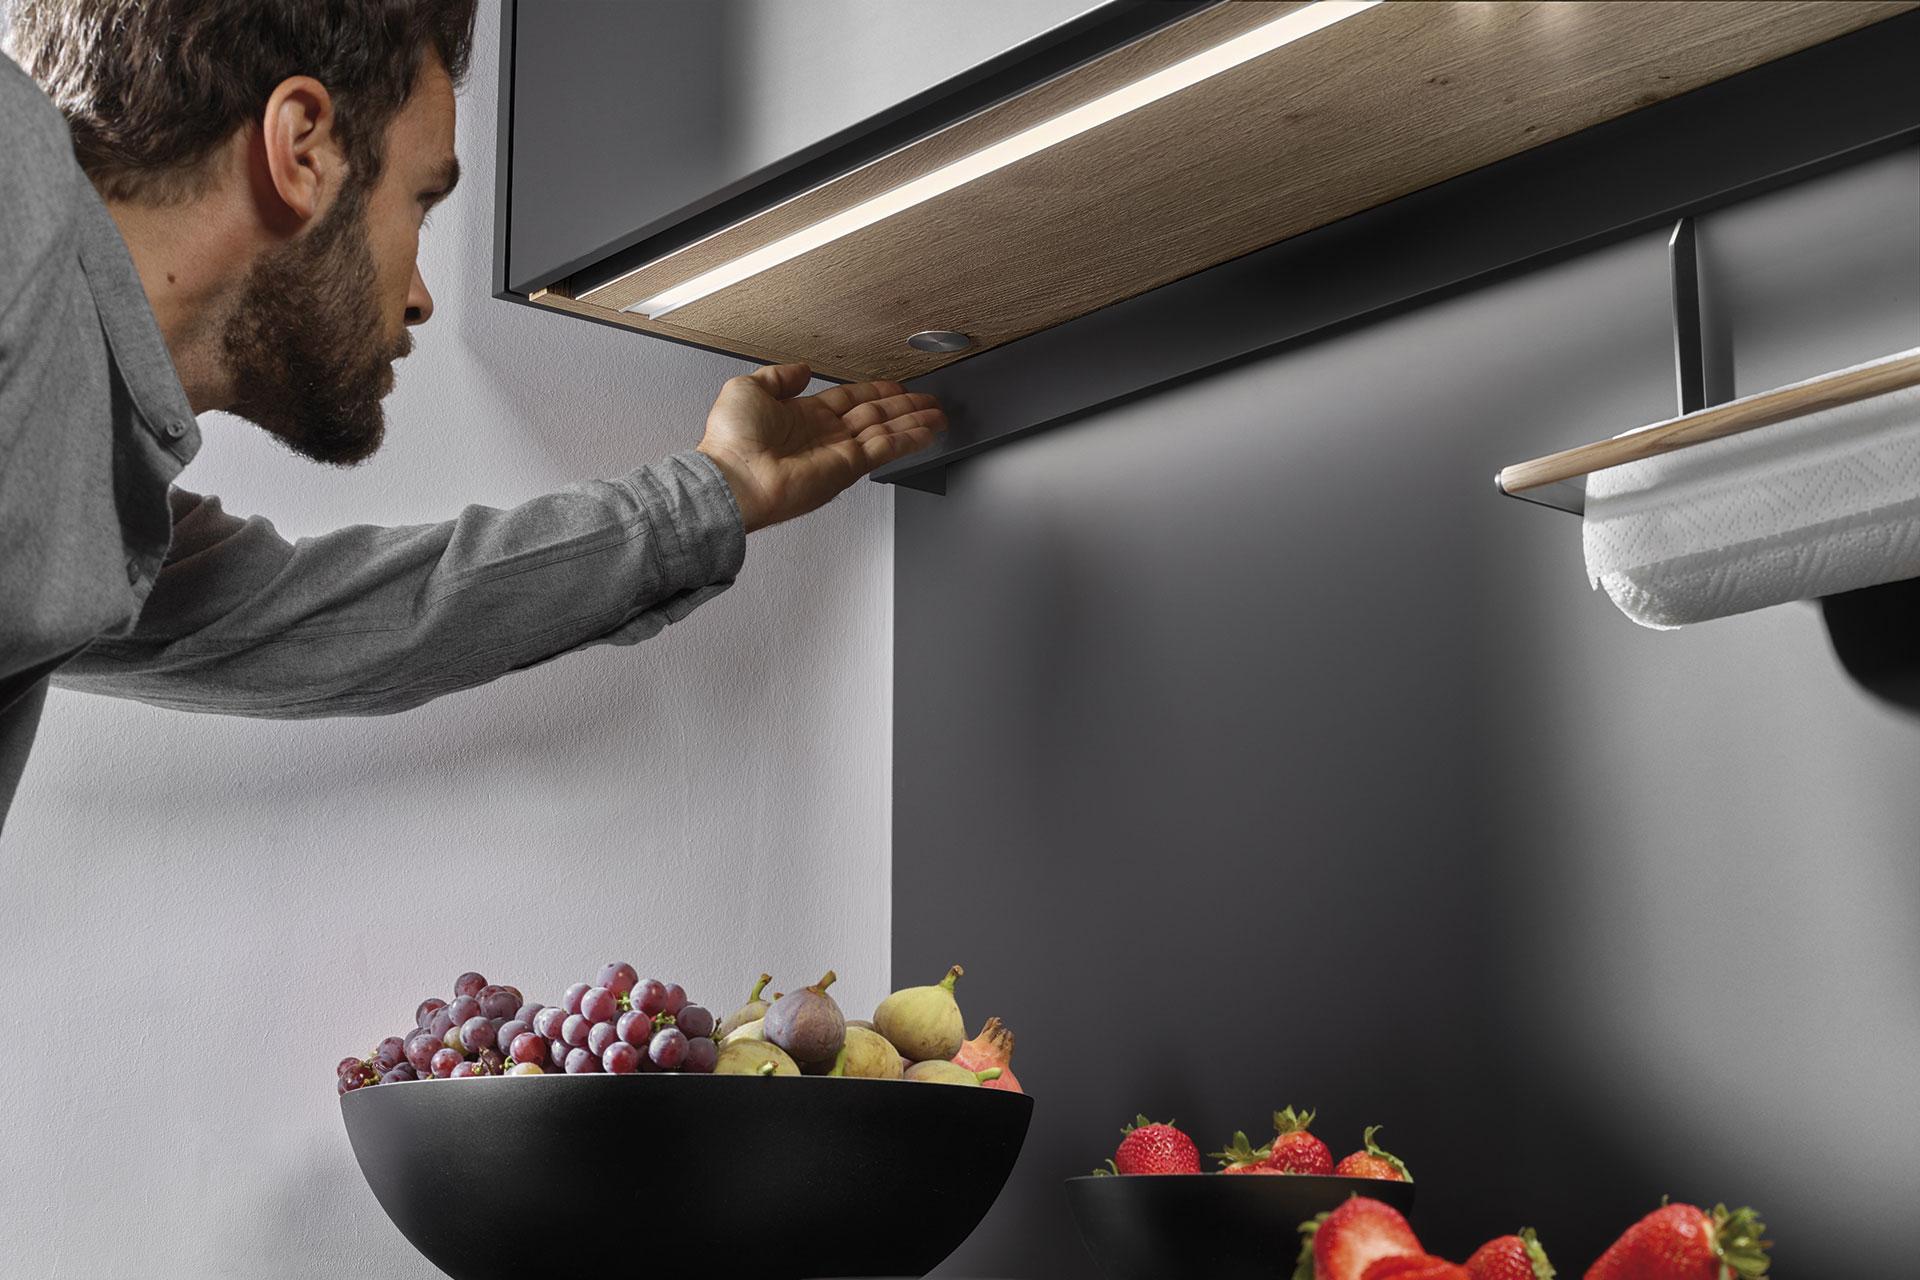 Iluminación LED integrada en los muebles de cocina